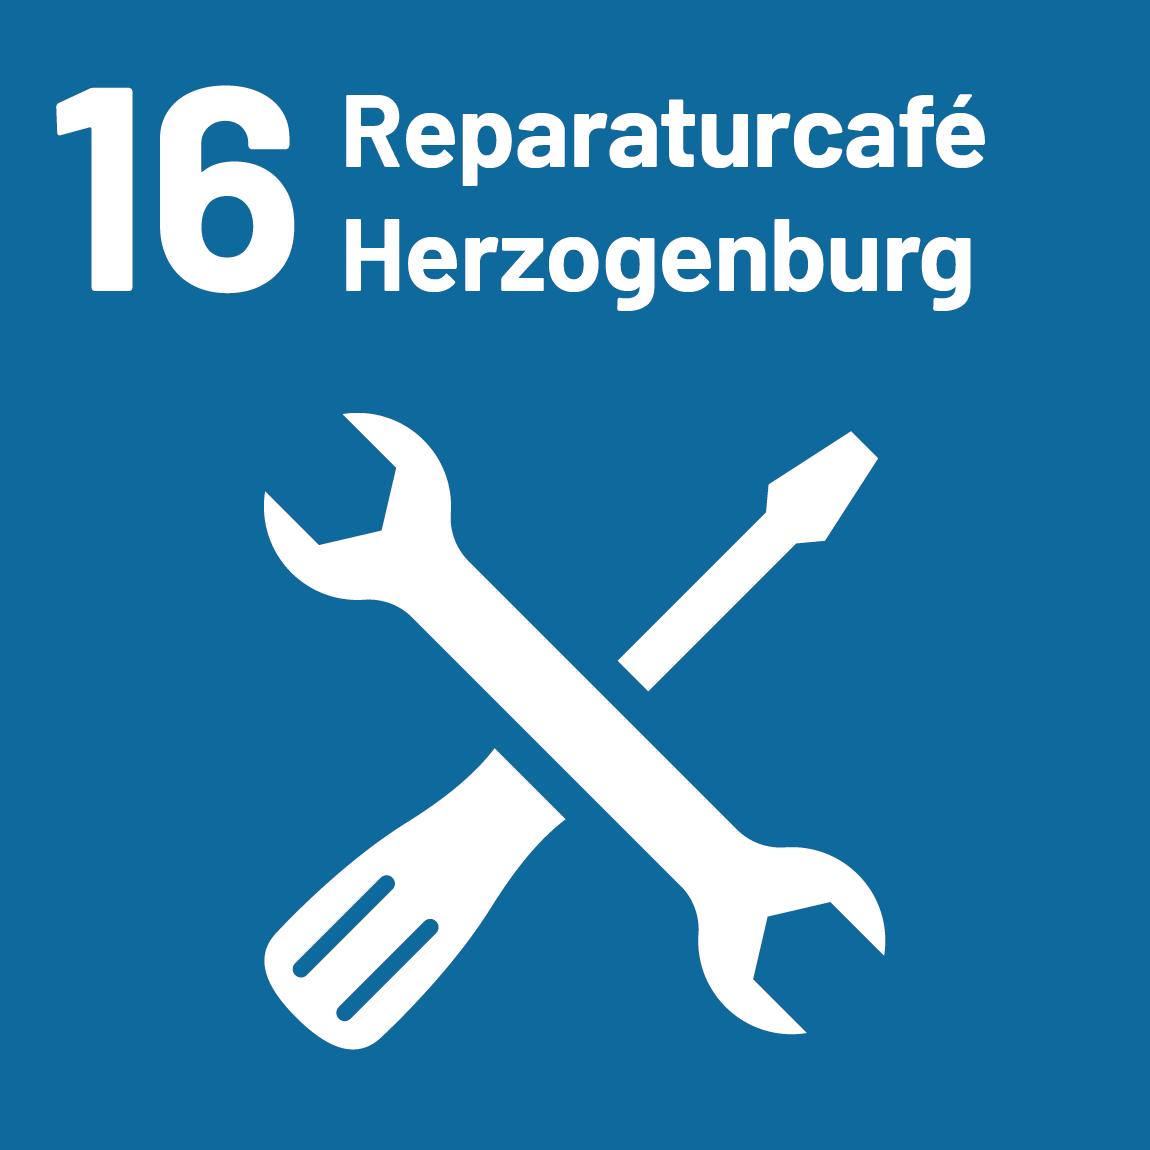 reparaturcafe-herzogenburg.png